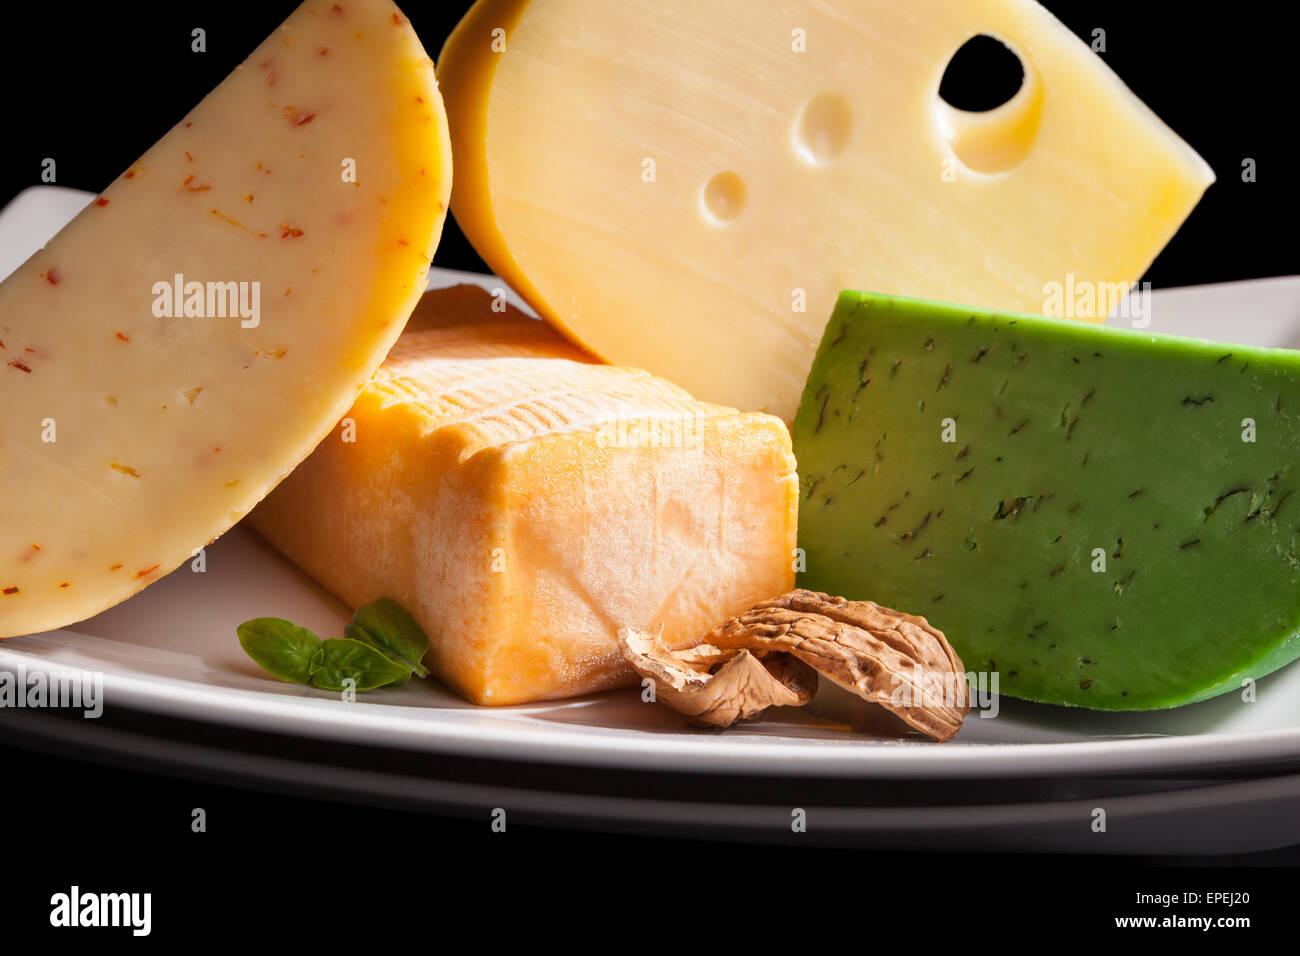 Bunte kulinarische Käse Variation auf schwarzem Hintergrund. Gourmet ...